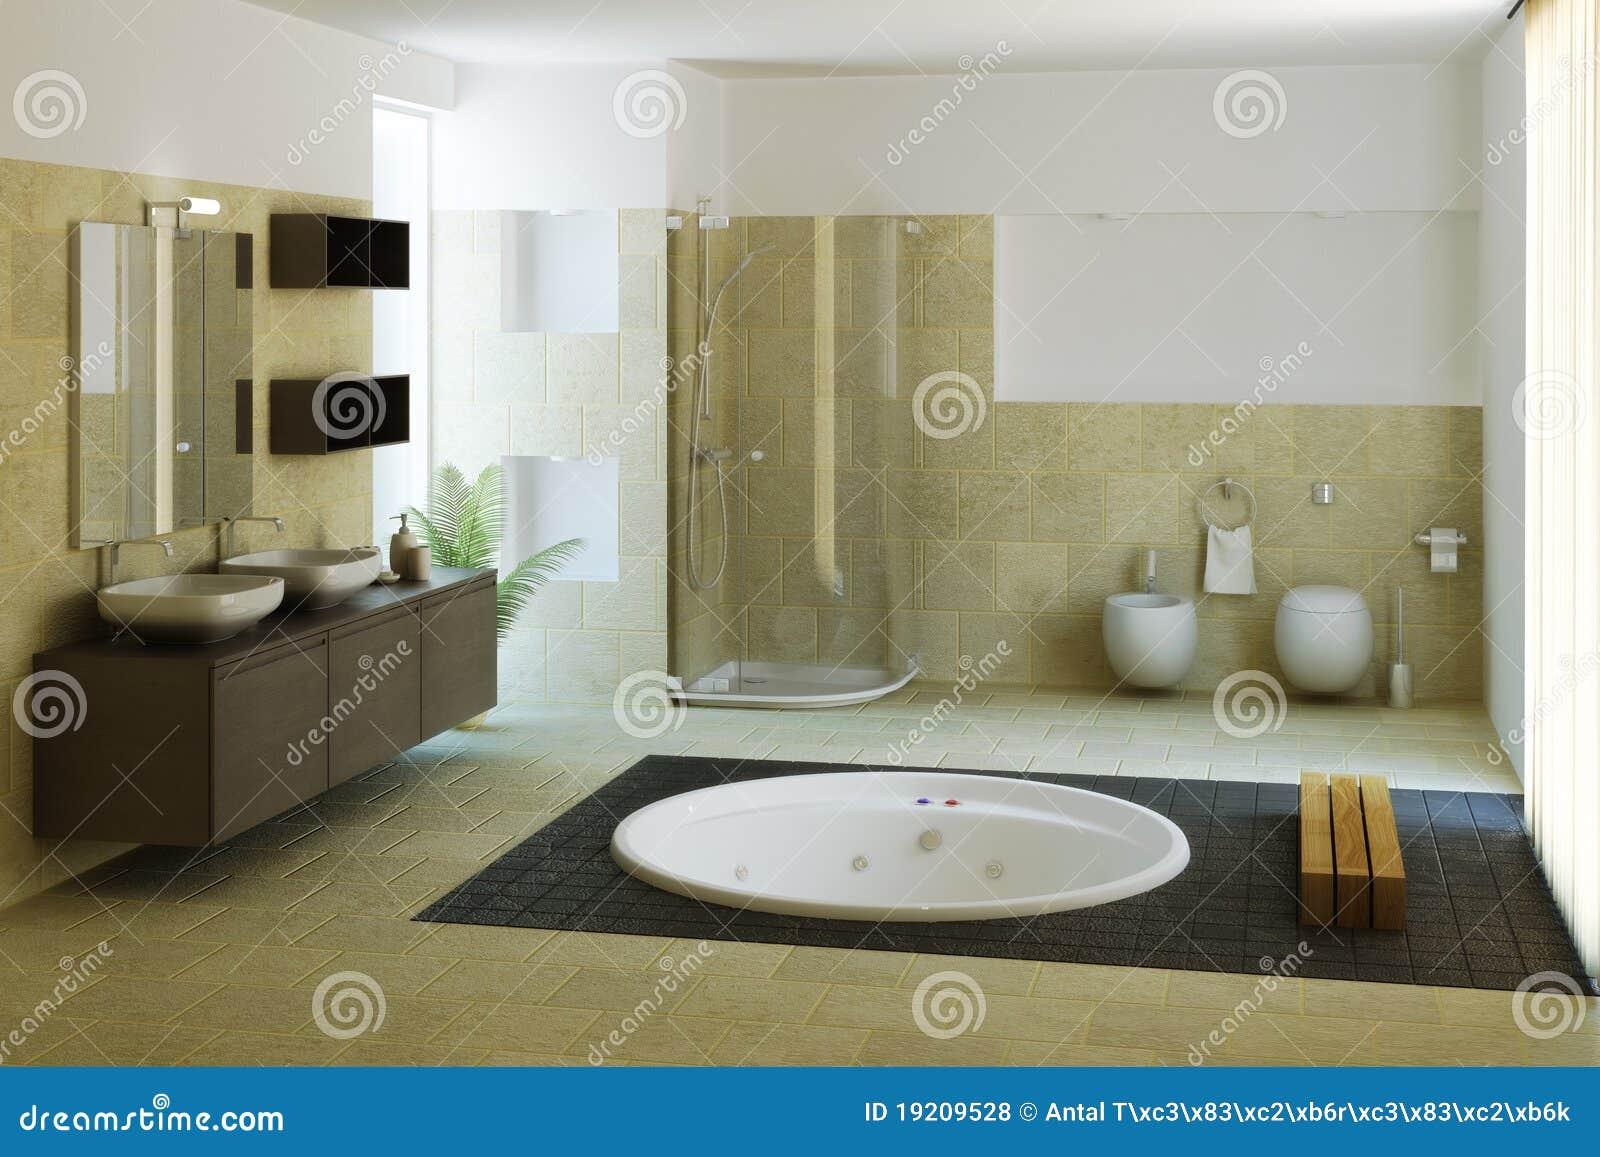 Salle de bains de luxe illustration stock illustration du for Salle bain luxe